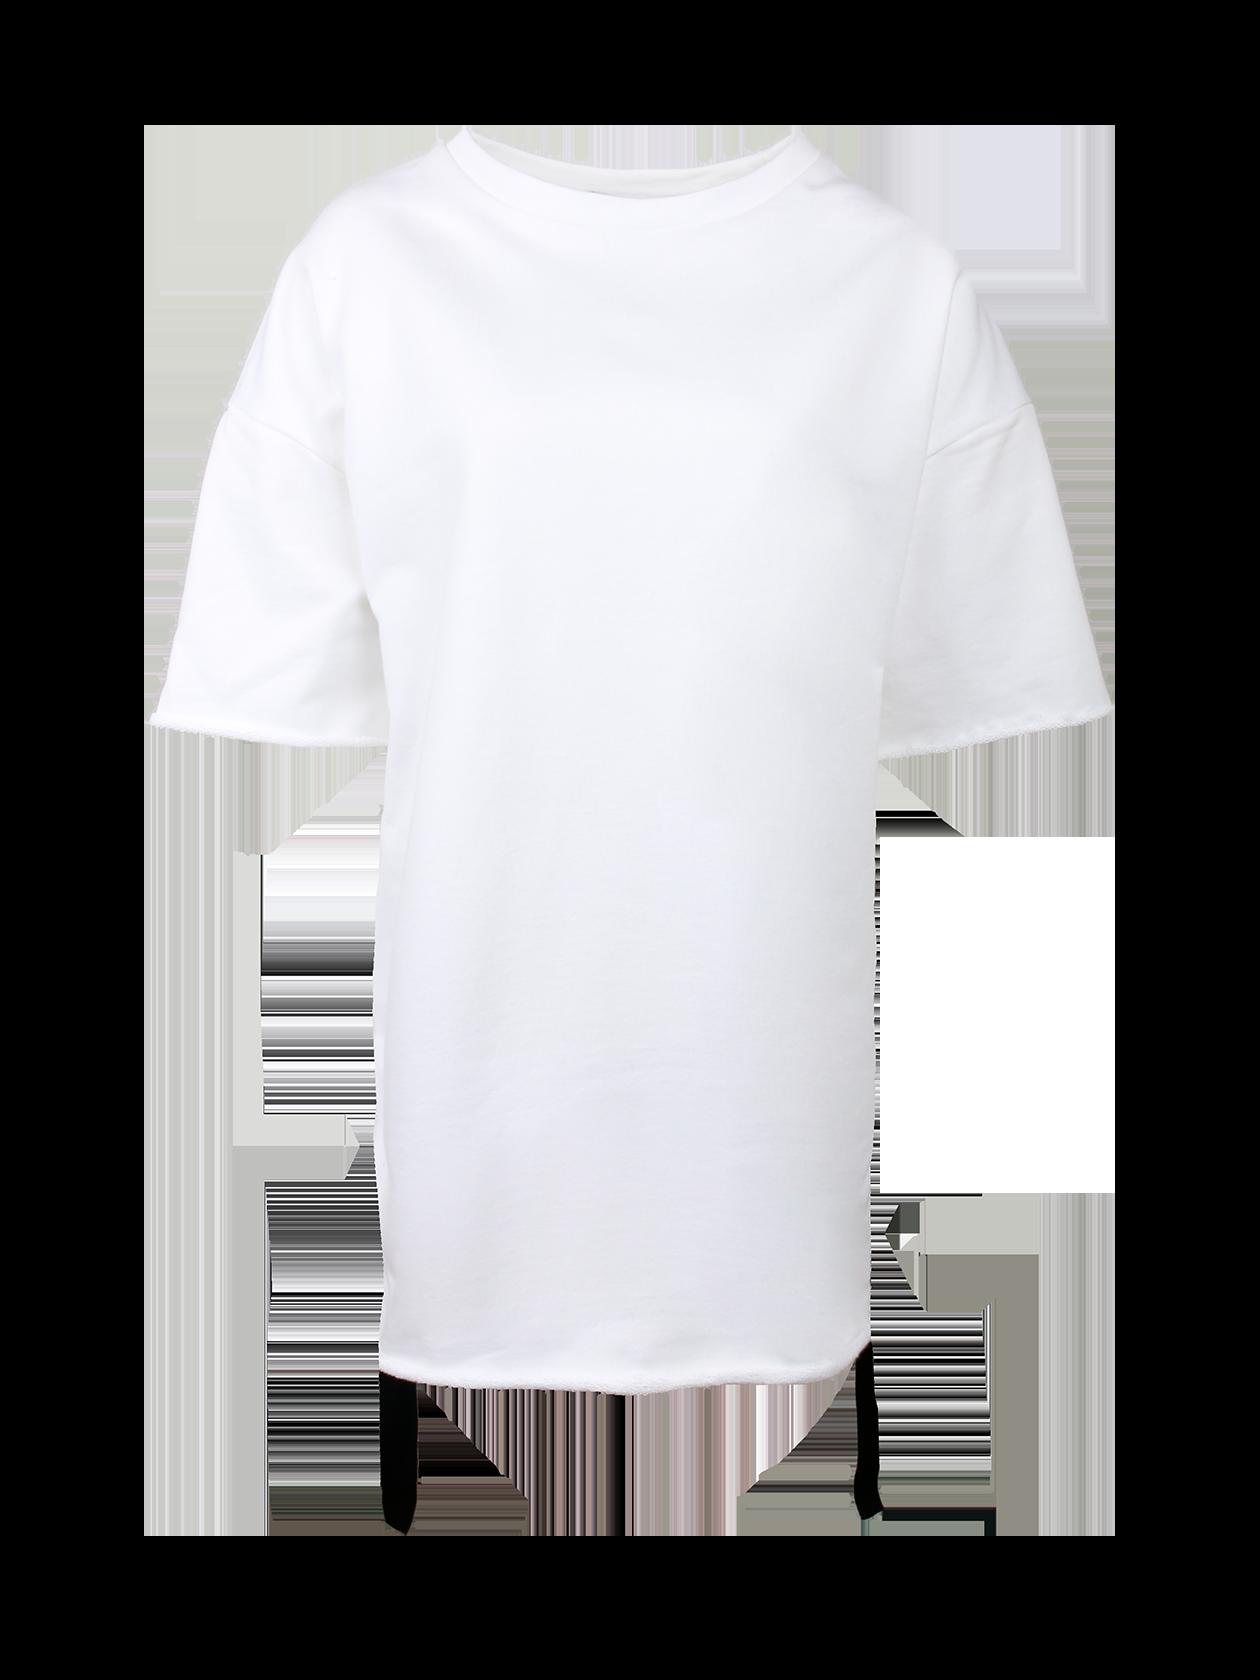 Платье женское HOT SUMMERЭффектное платье женское Hot Summer от бренда Black Star Wear поможет заметно выделиться из толпы. Опущенная линия плеча переходит в широкий рукав длиной до локтя. Крой изделия прямой с оптимальной свободой прилегания. Горловина среднего размера глубины содержит жаккардовую нашивку Black Star Wear. Необычная фишка вещи – спина, состоящая из двух частей, соединенных между собой крупной черной шнуровкой. Платье изготовлено из премиального хлопка, представлено в бледно-розовой и белой расцветке.<br><br>Размер: M<br>Цвет: Белый<br>Пол: Женский